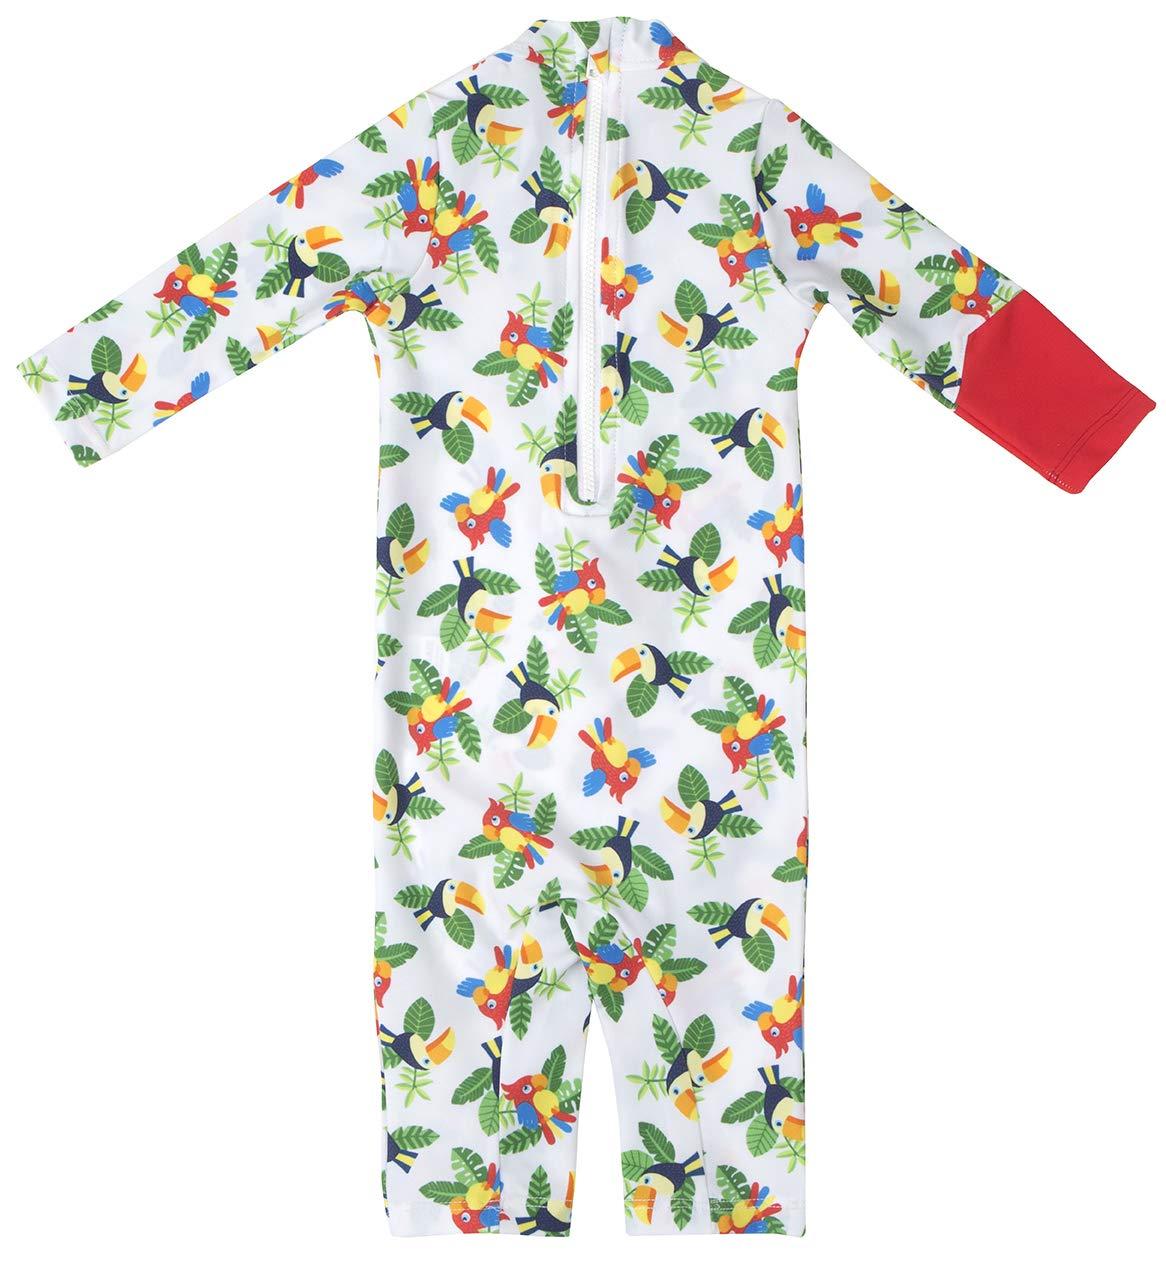 OCOI Traje De Baño para Bebé con Protección Solar UPF50+ Manga Larga – Mono/Bodysuit/Bañador Entero Una Pieza niña y… 10